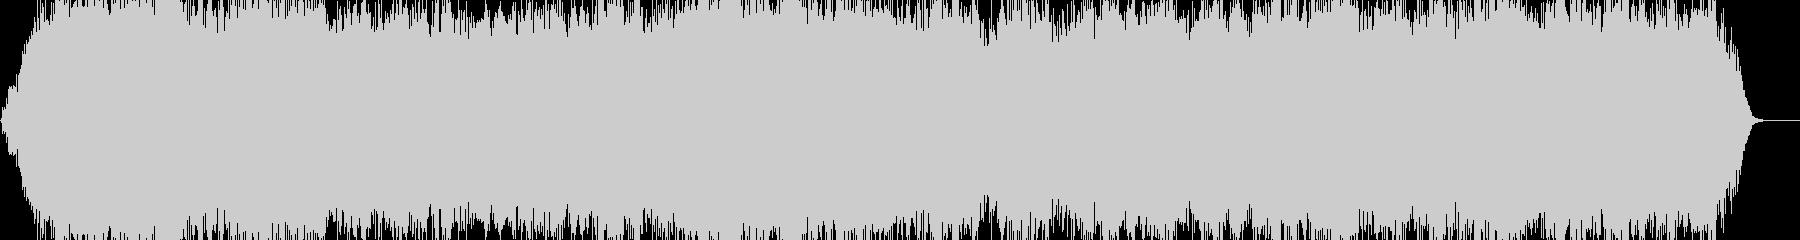 528Hz 癒しのヒーリングBGMの未再生の波形